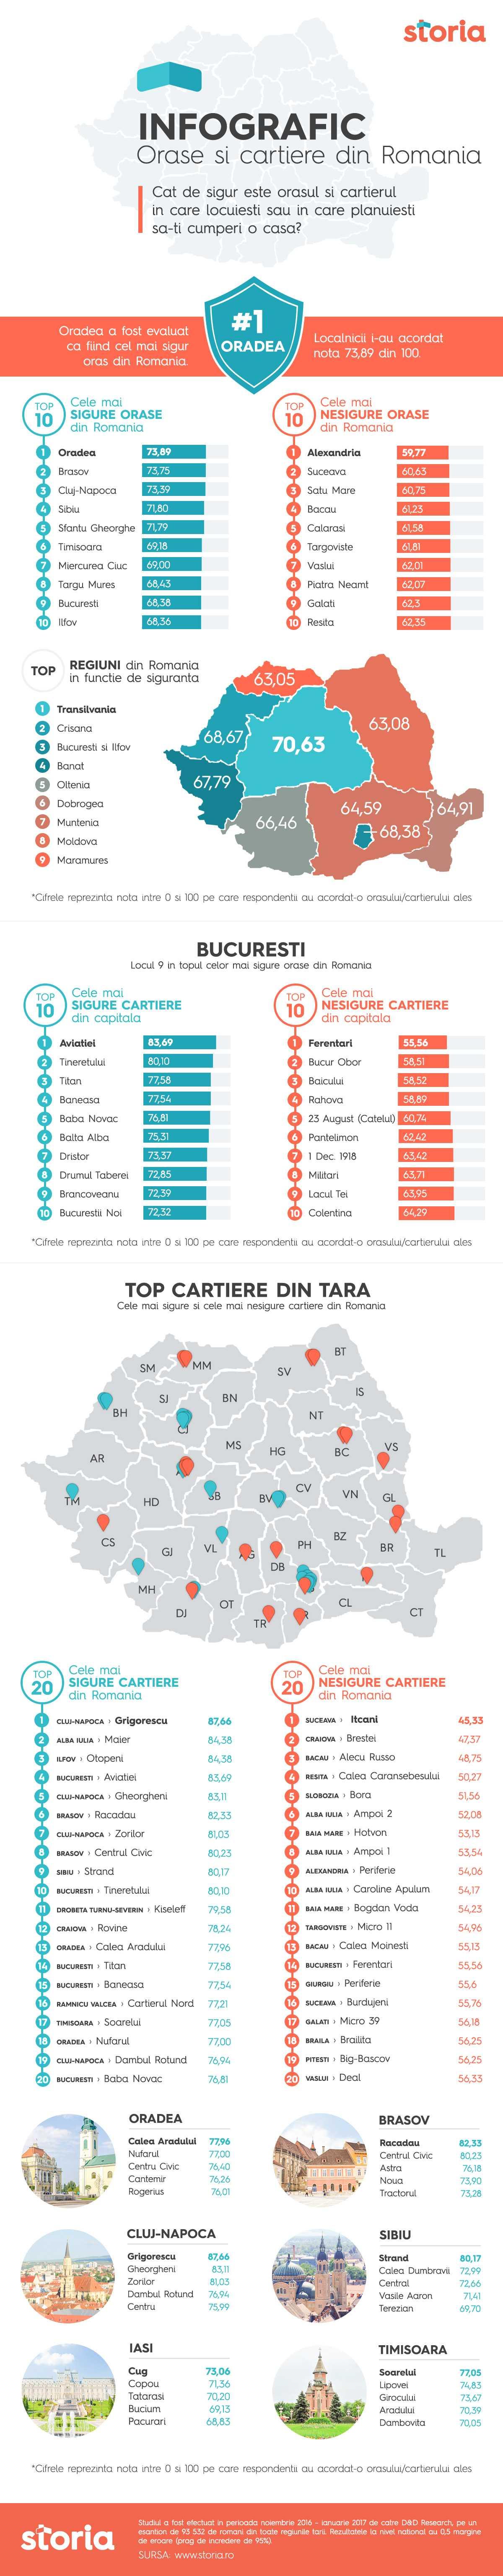 Studiu: topul celor mai sigure oraşe şi cartiere din România